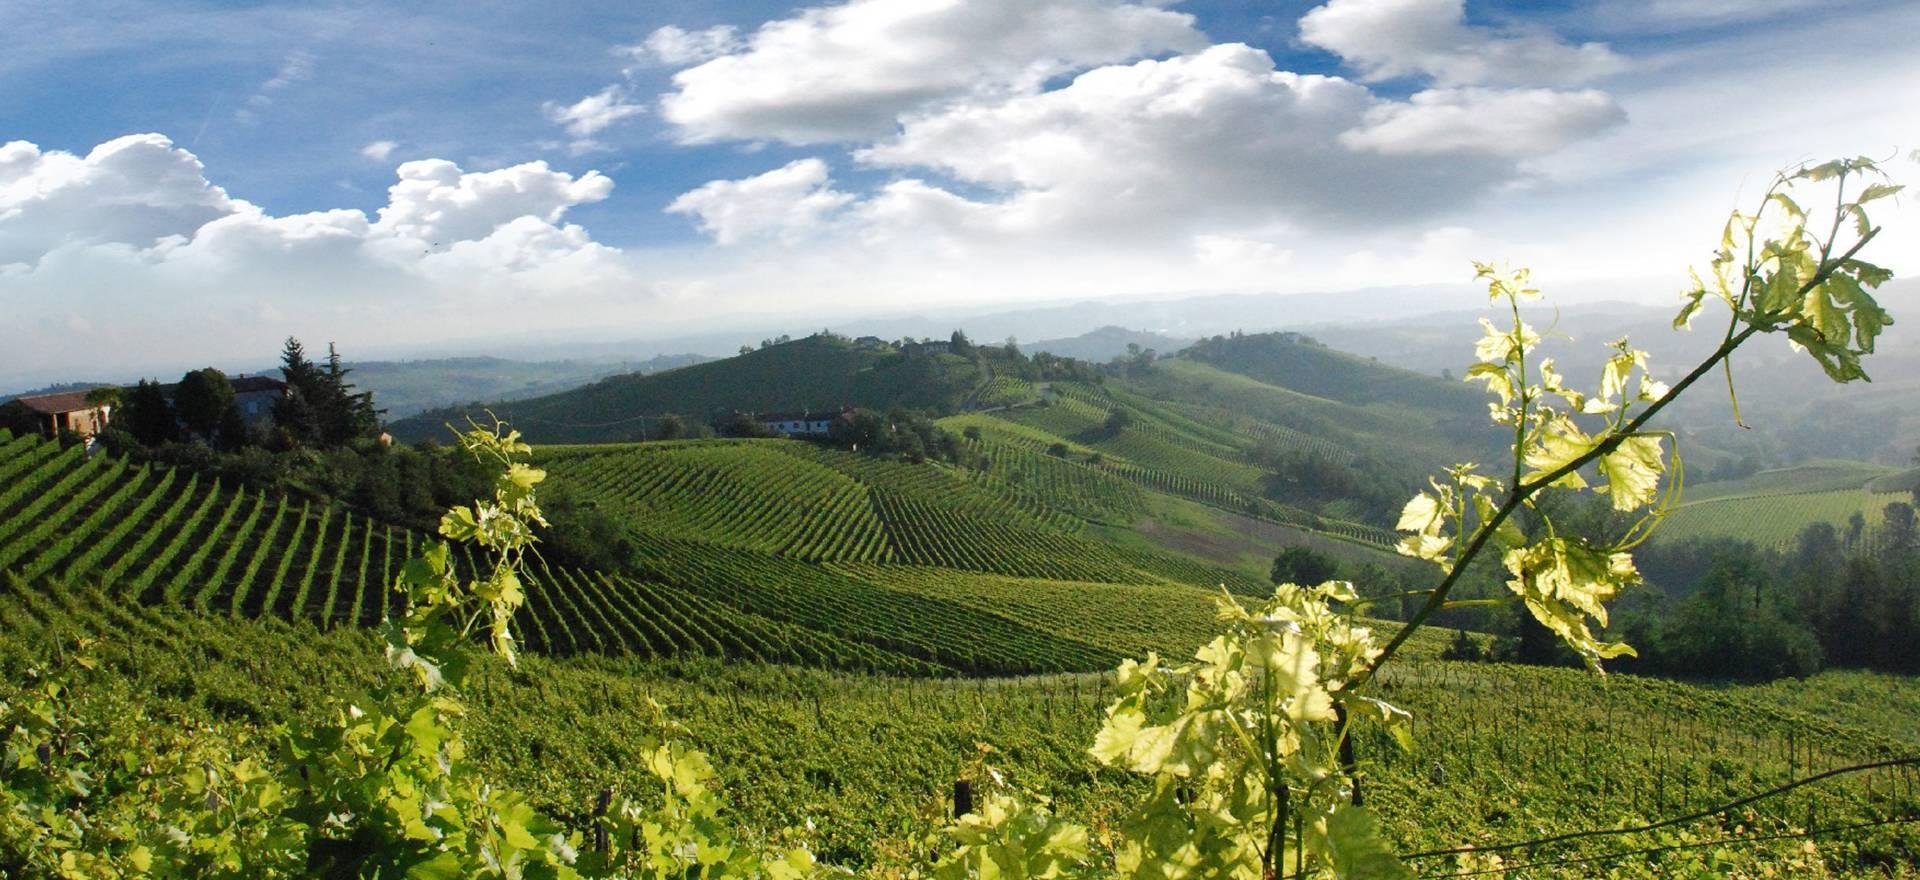 Agriturismo Piemonte Agriturismo en wijnboerderij in de heuvels van Piemonte